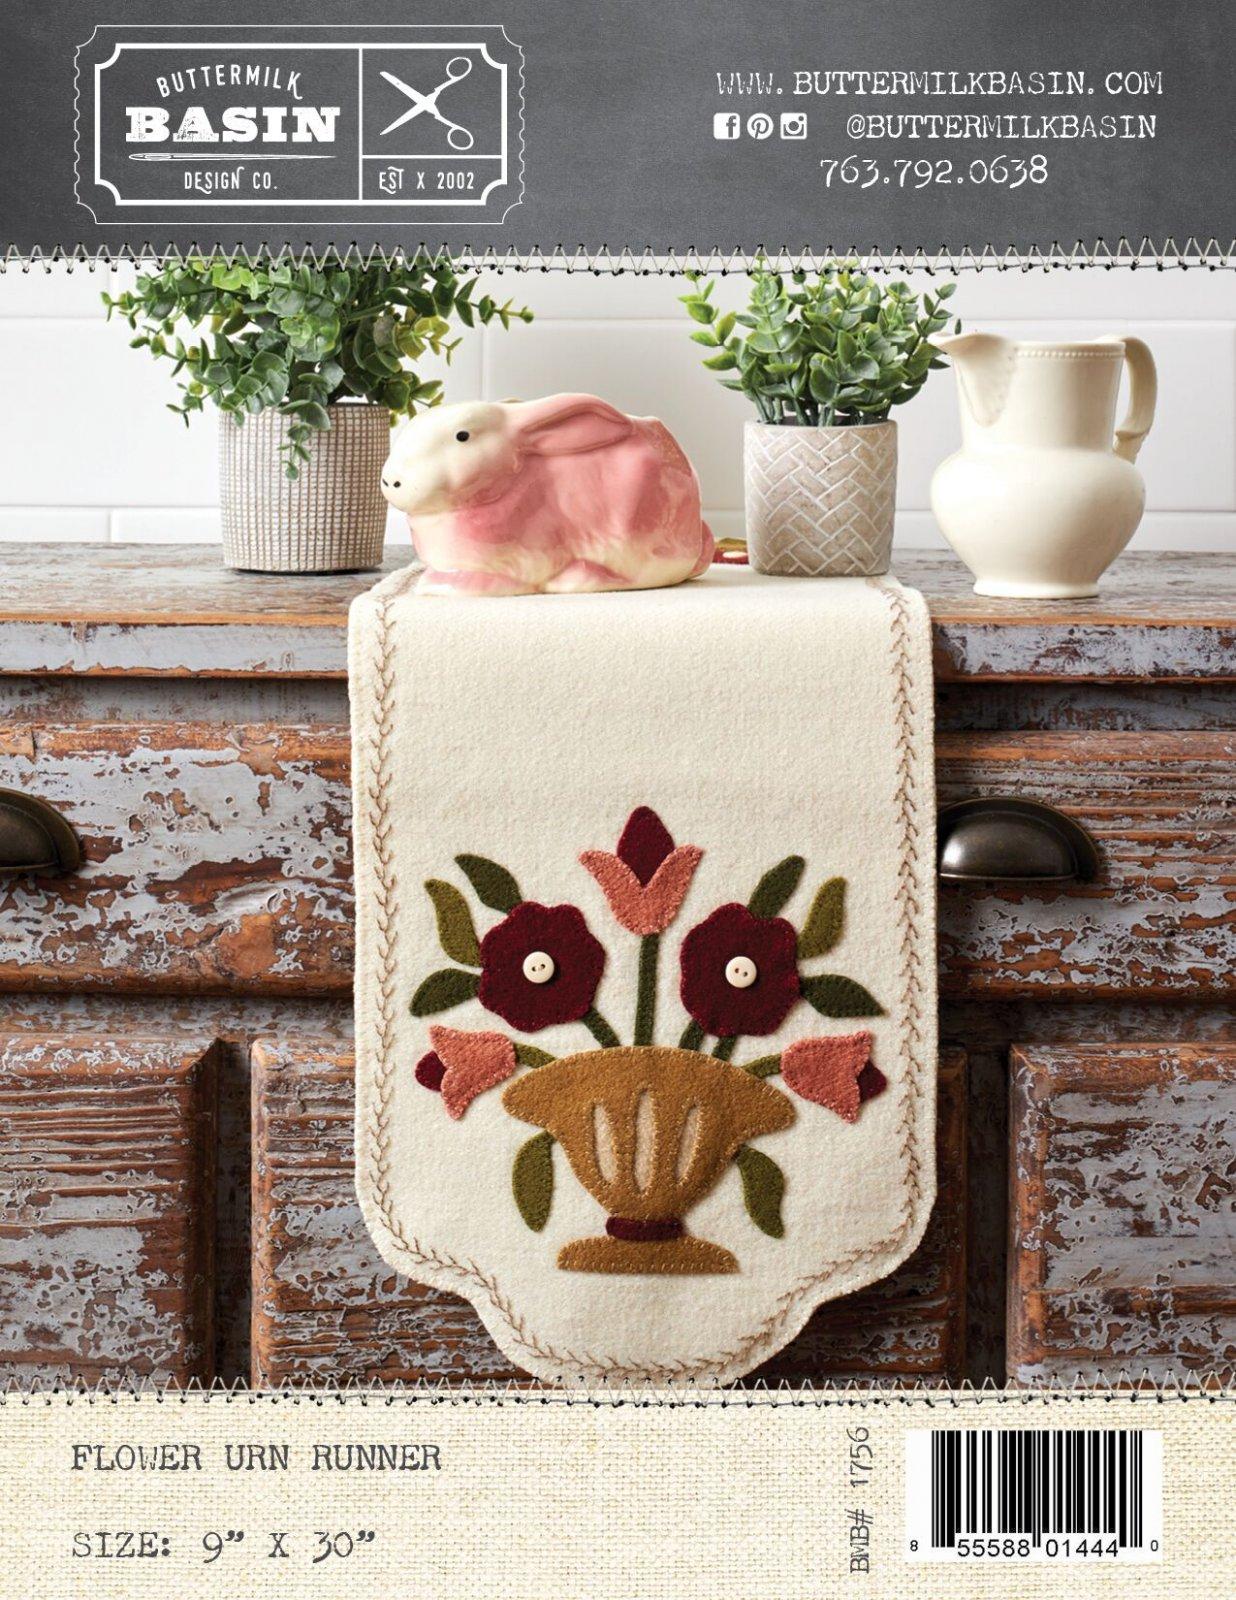 Flower Urn Runner *Pattern & Kit